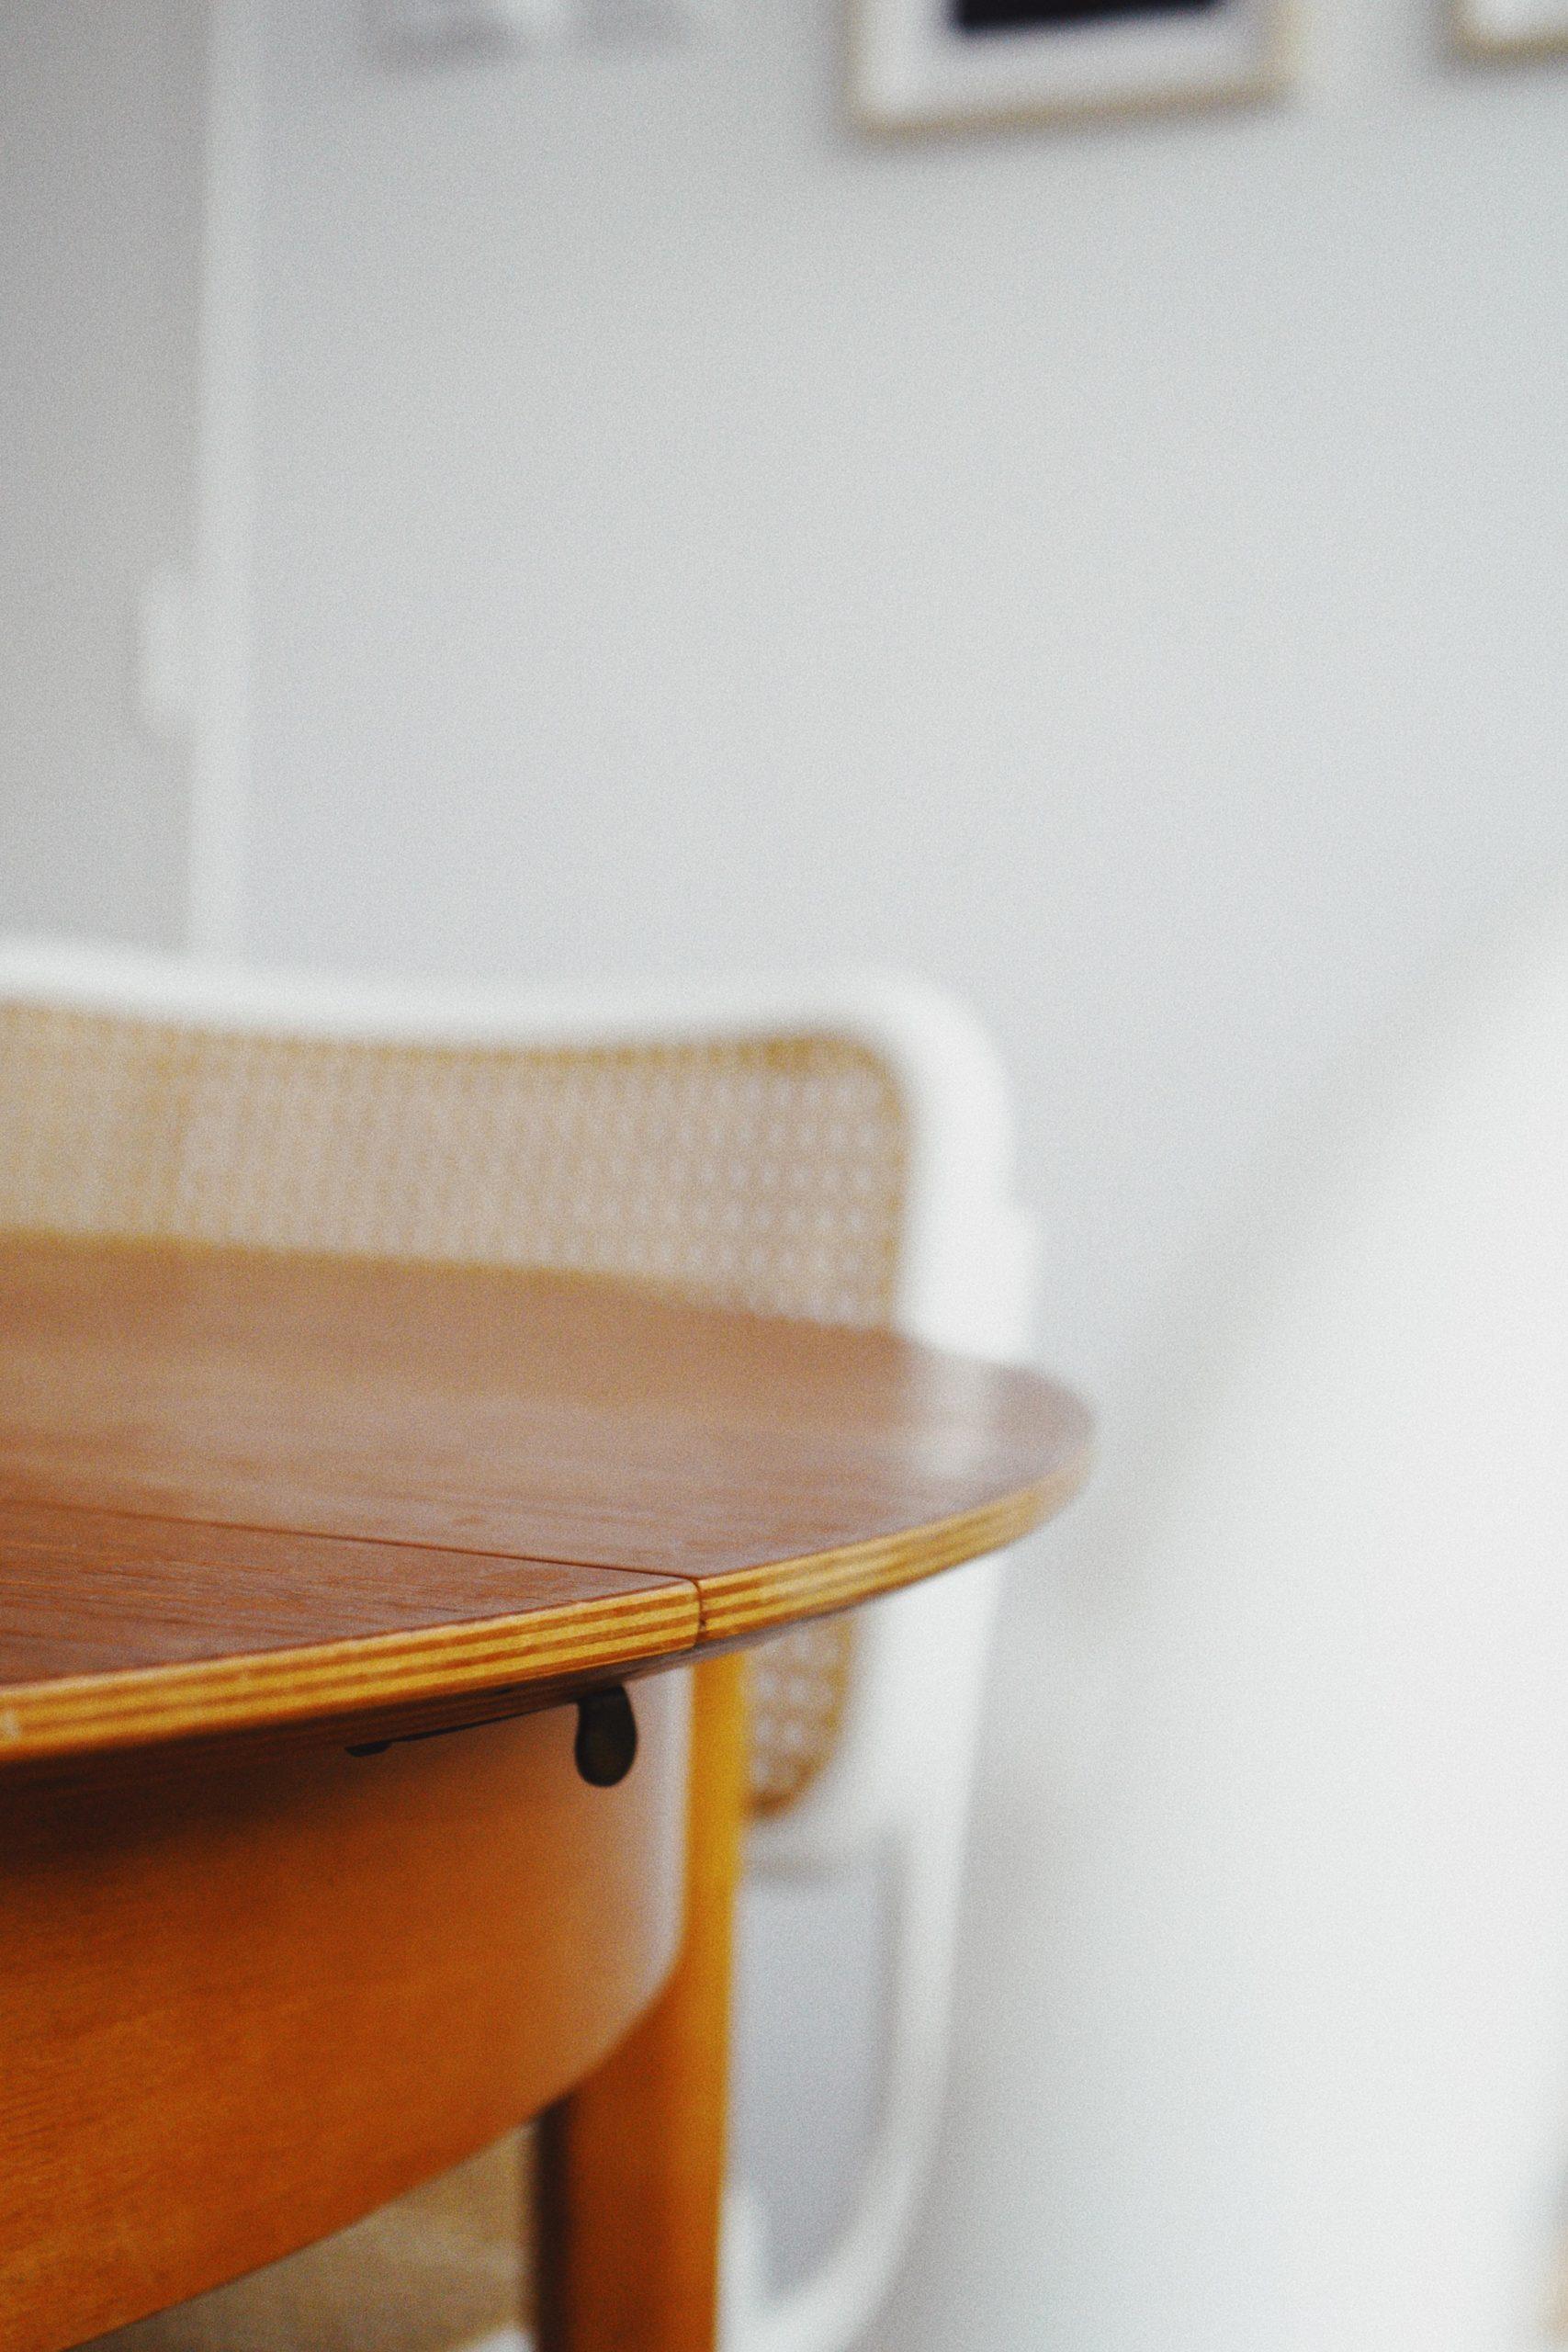 Holztisch und Stuhl vor weißer wand